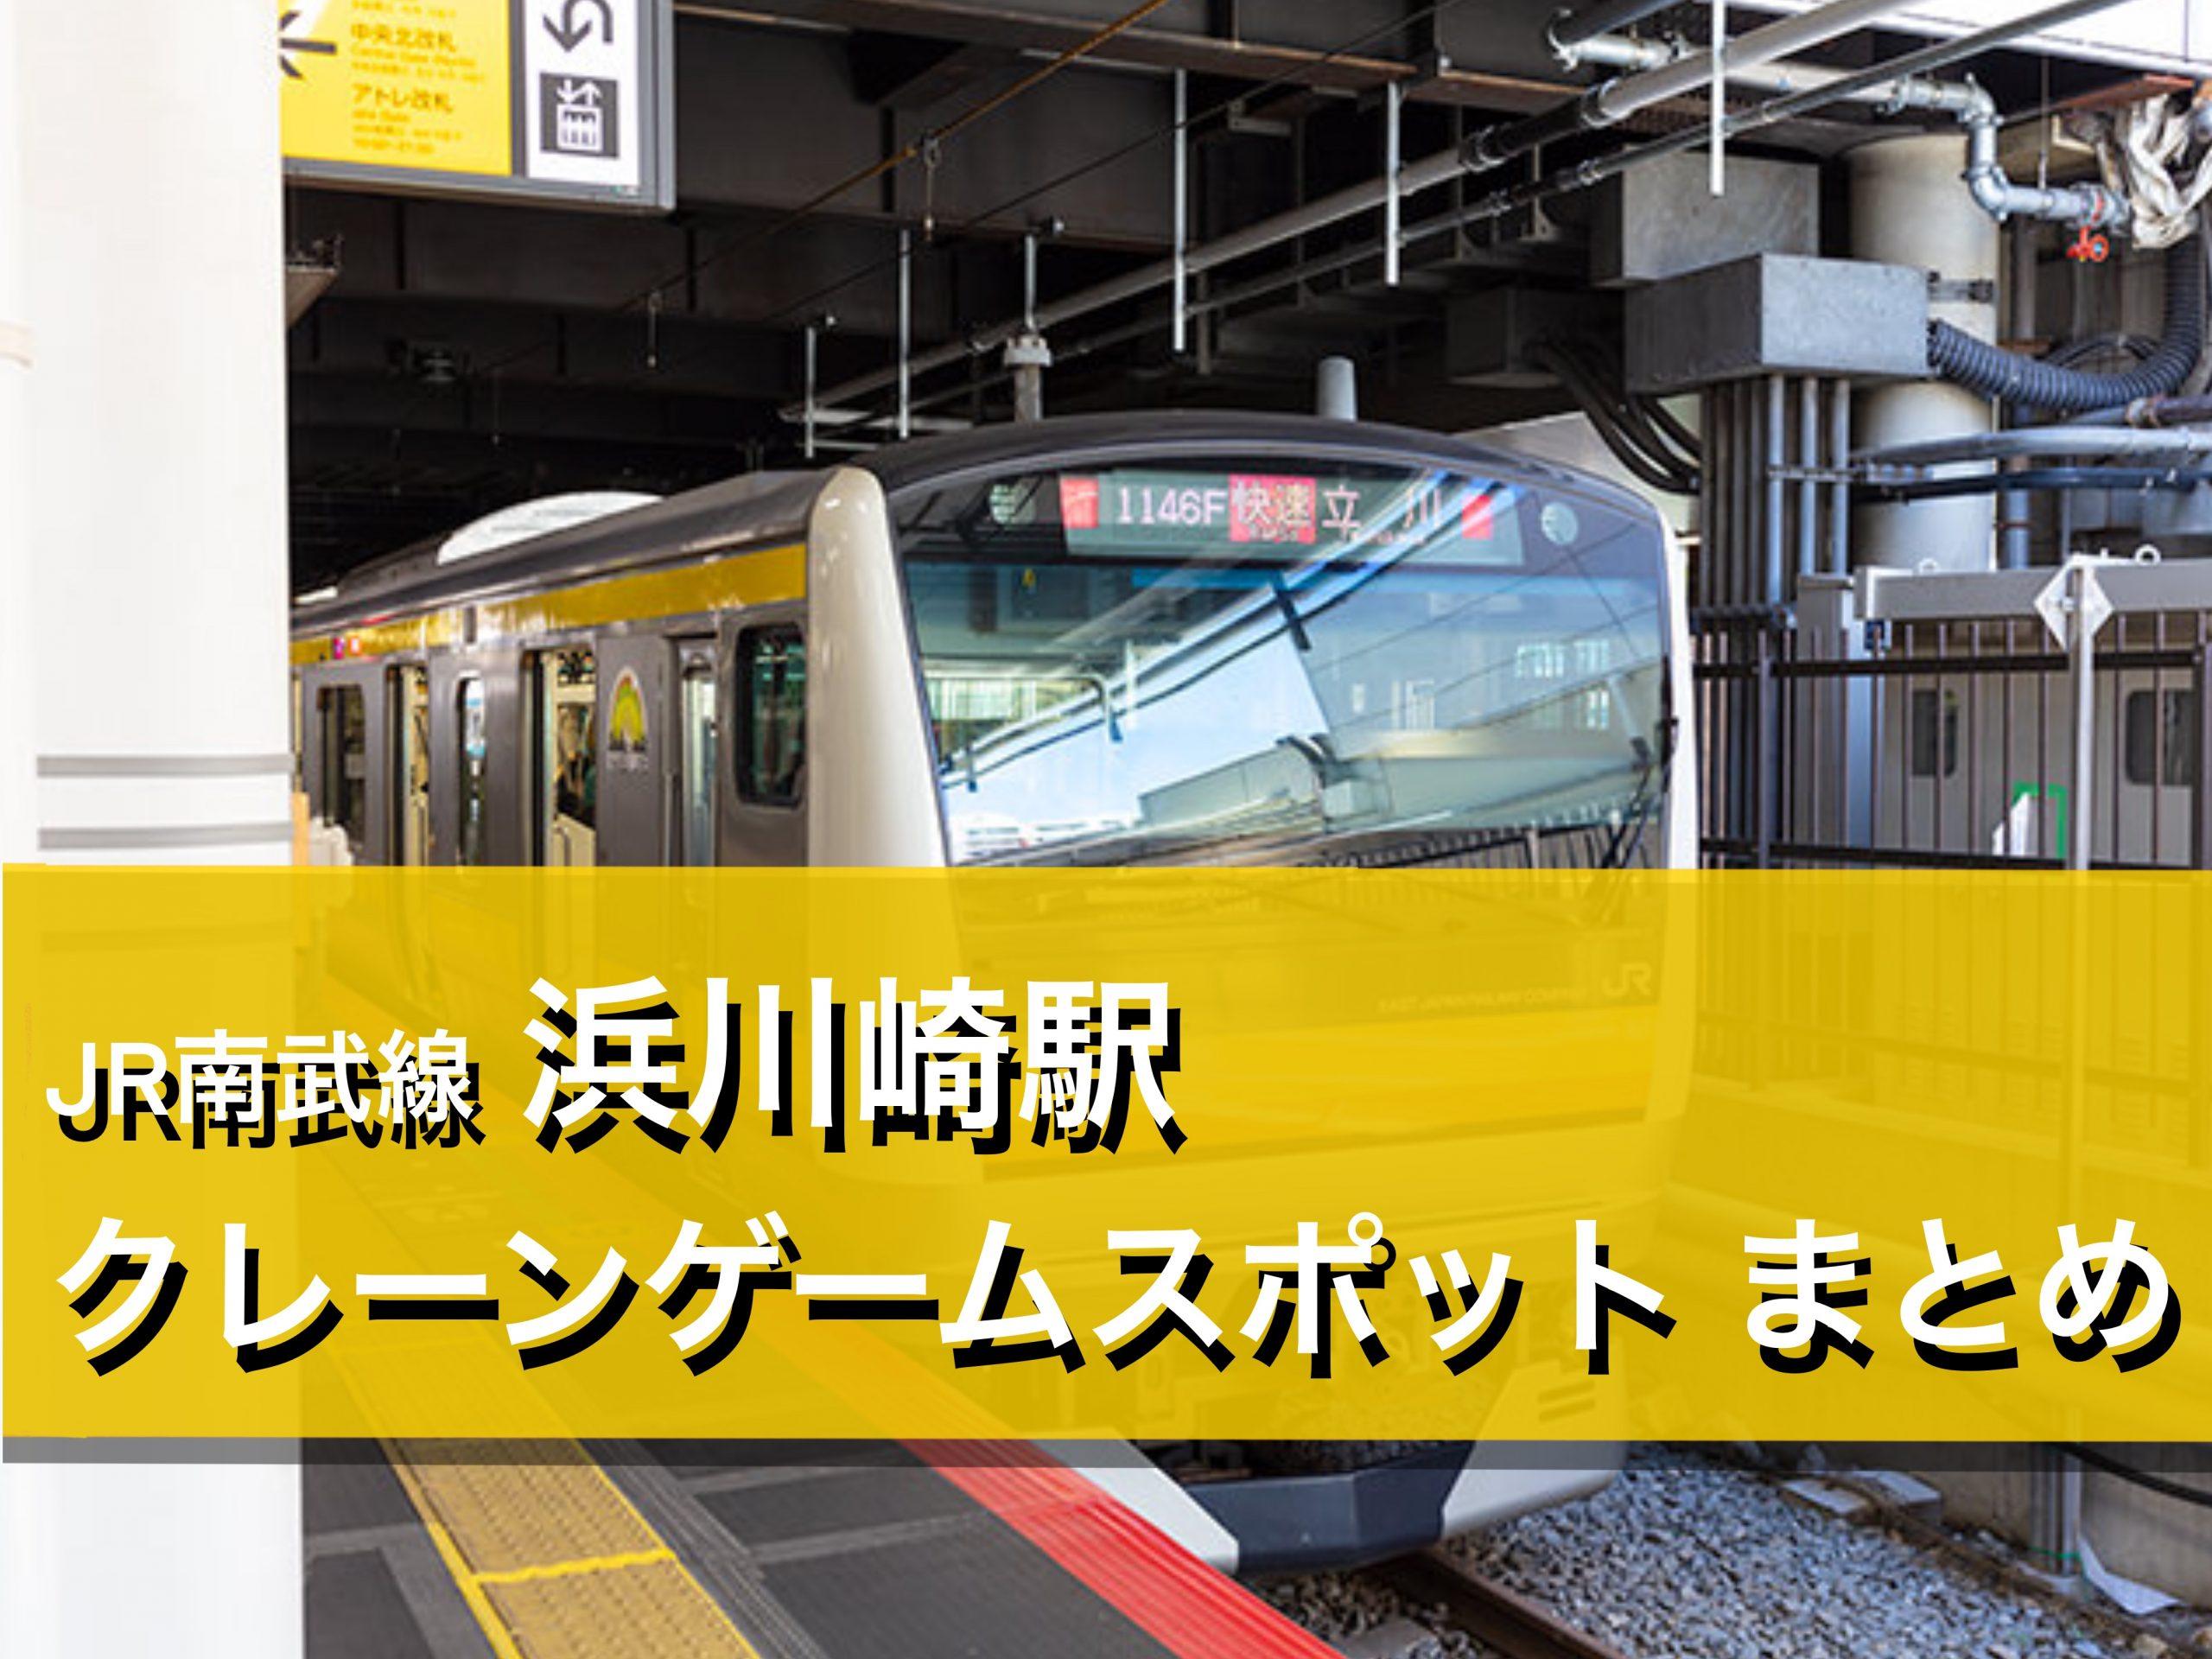 【浜川崎駅】クレーンゲームができる場所